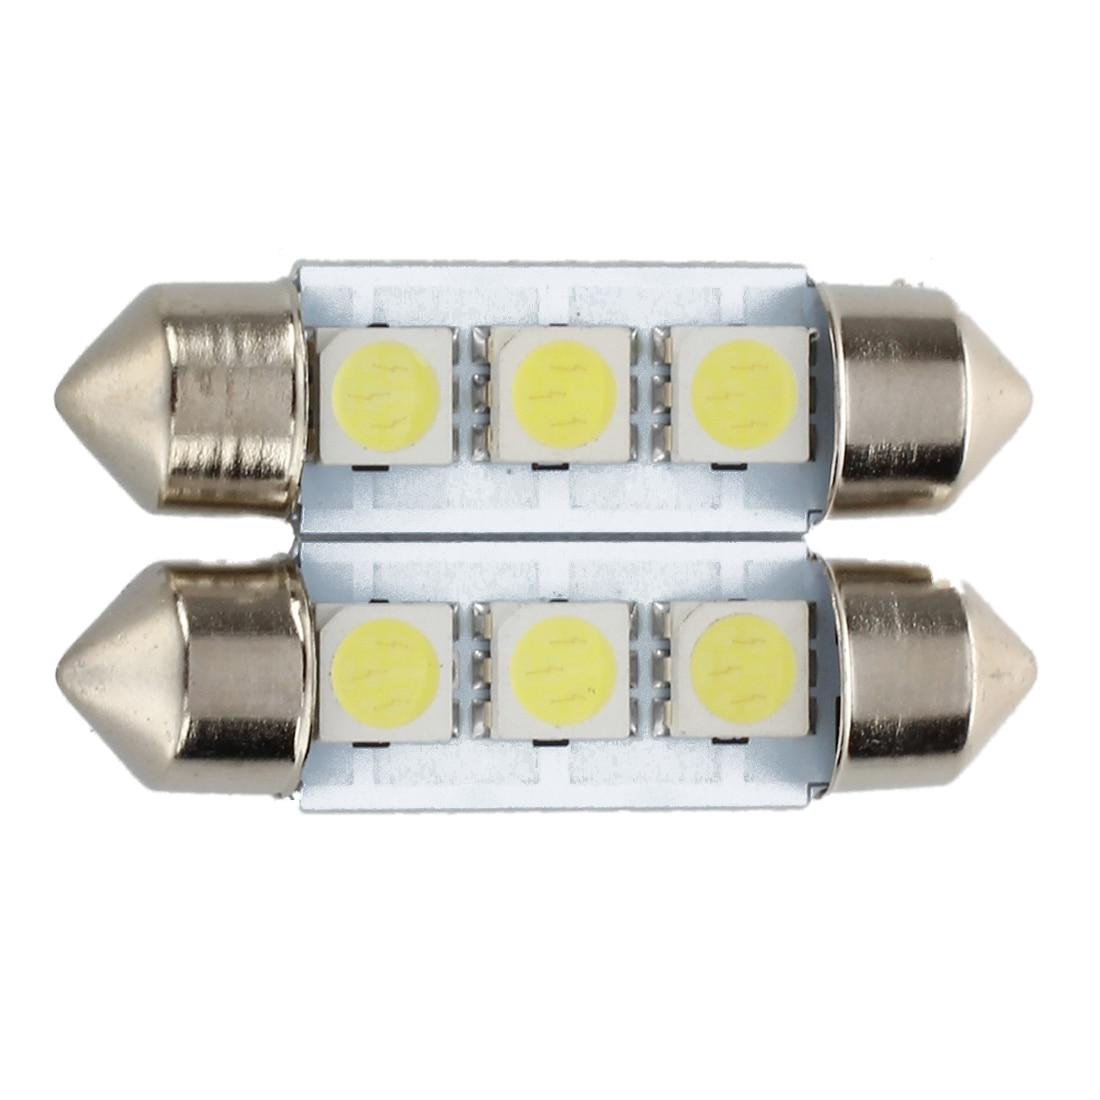 2x C5W 3 LED SMD 5050 36mm xénon blanc ampoule plaque navette Festoons dôme plafonnier voiture lumière